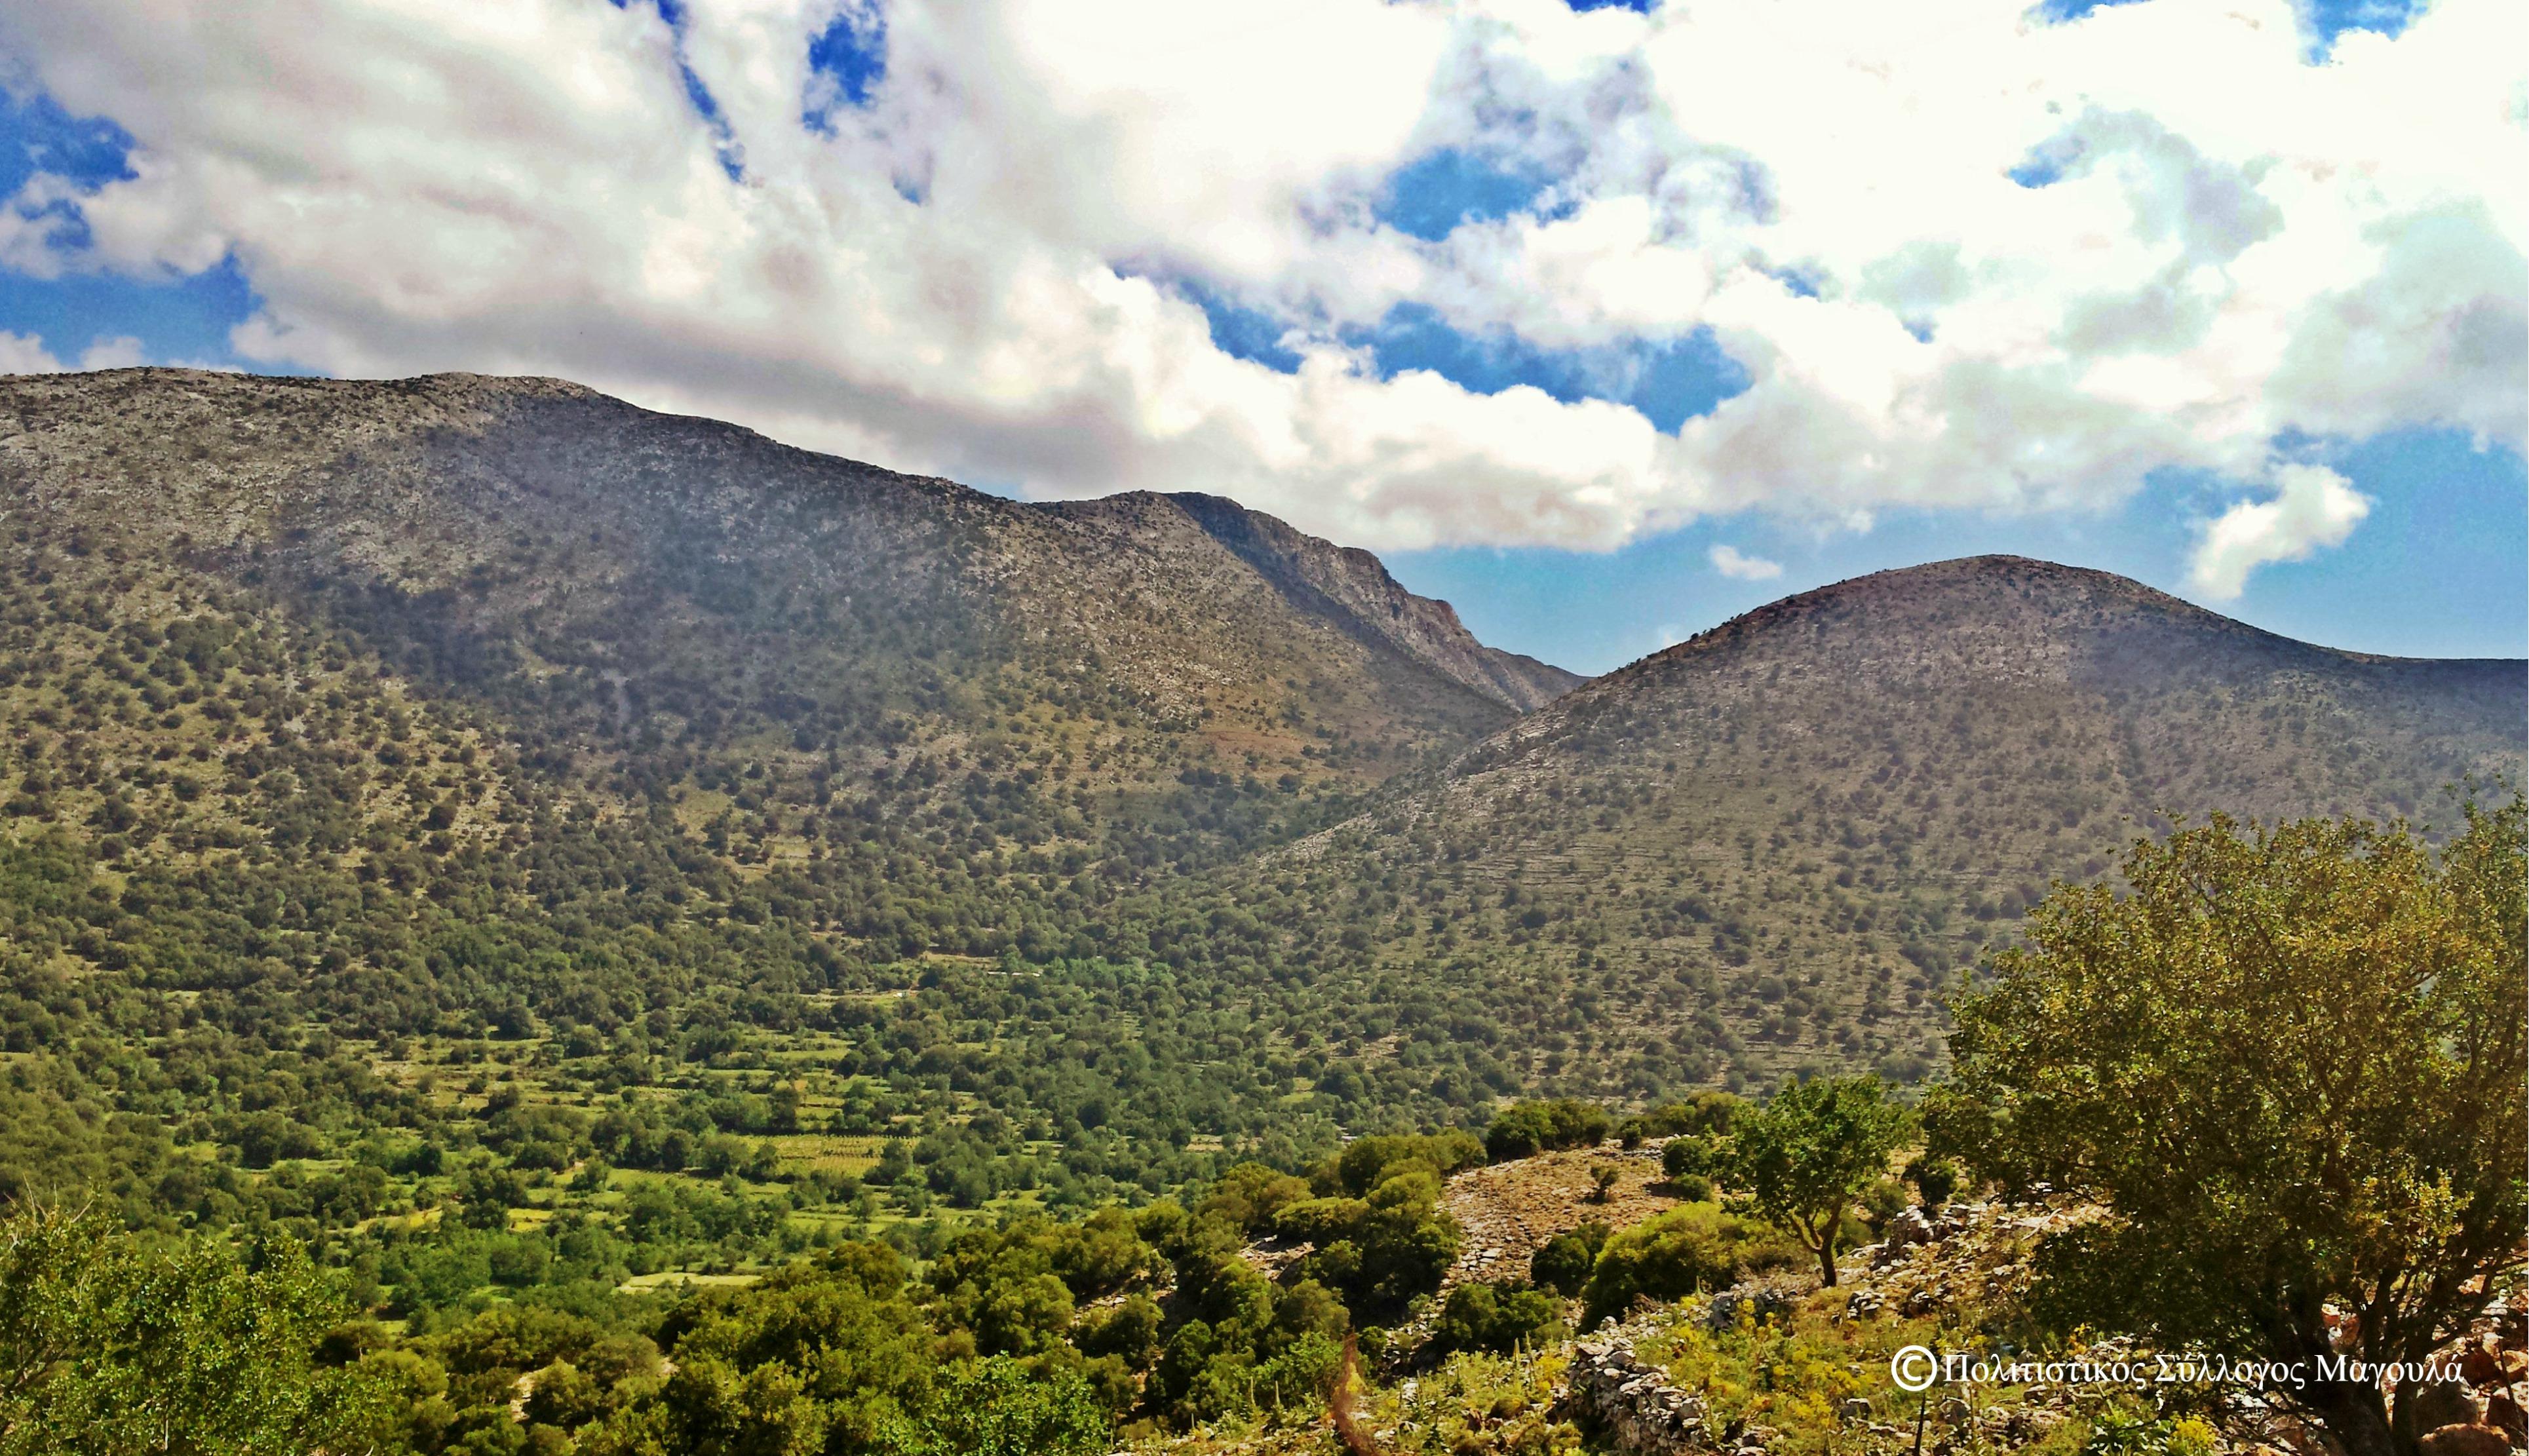 Ένας μέρος της ορεινής περιοχής του Κλώρου- A part of Kloros